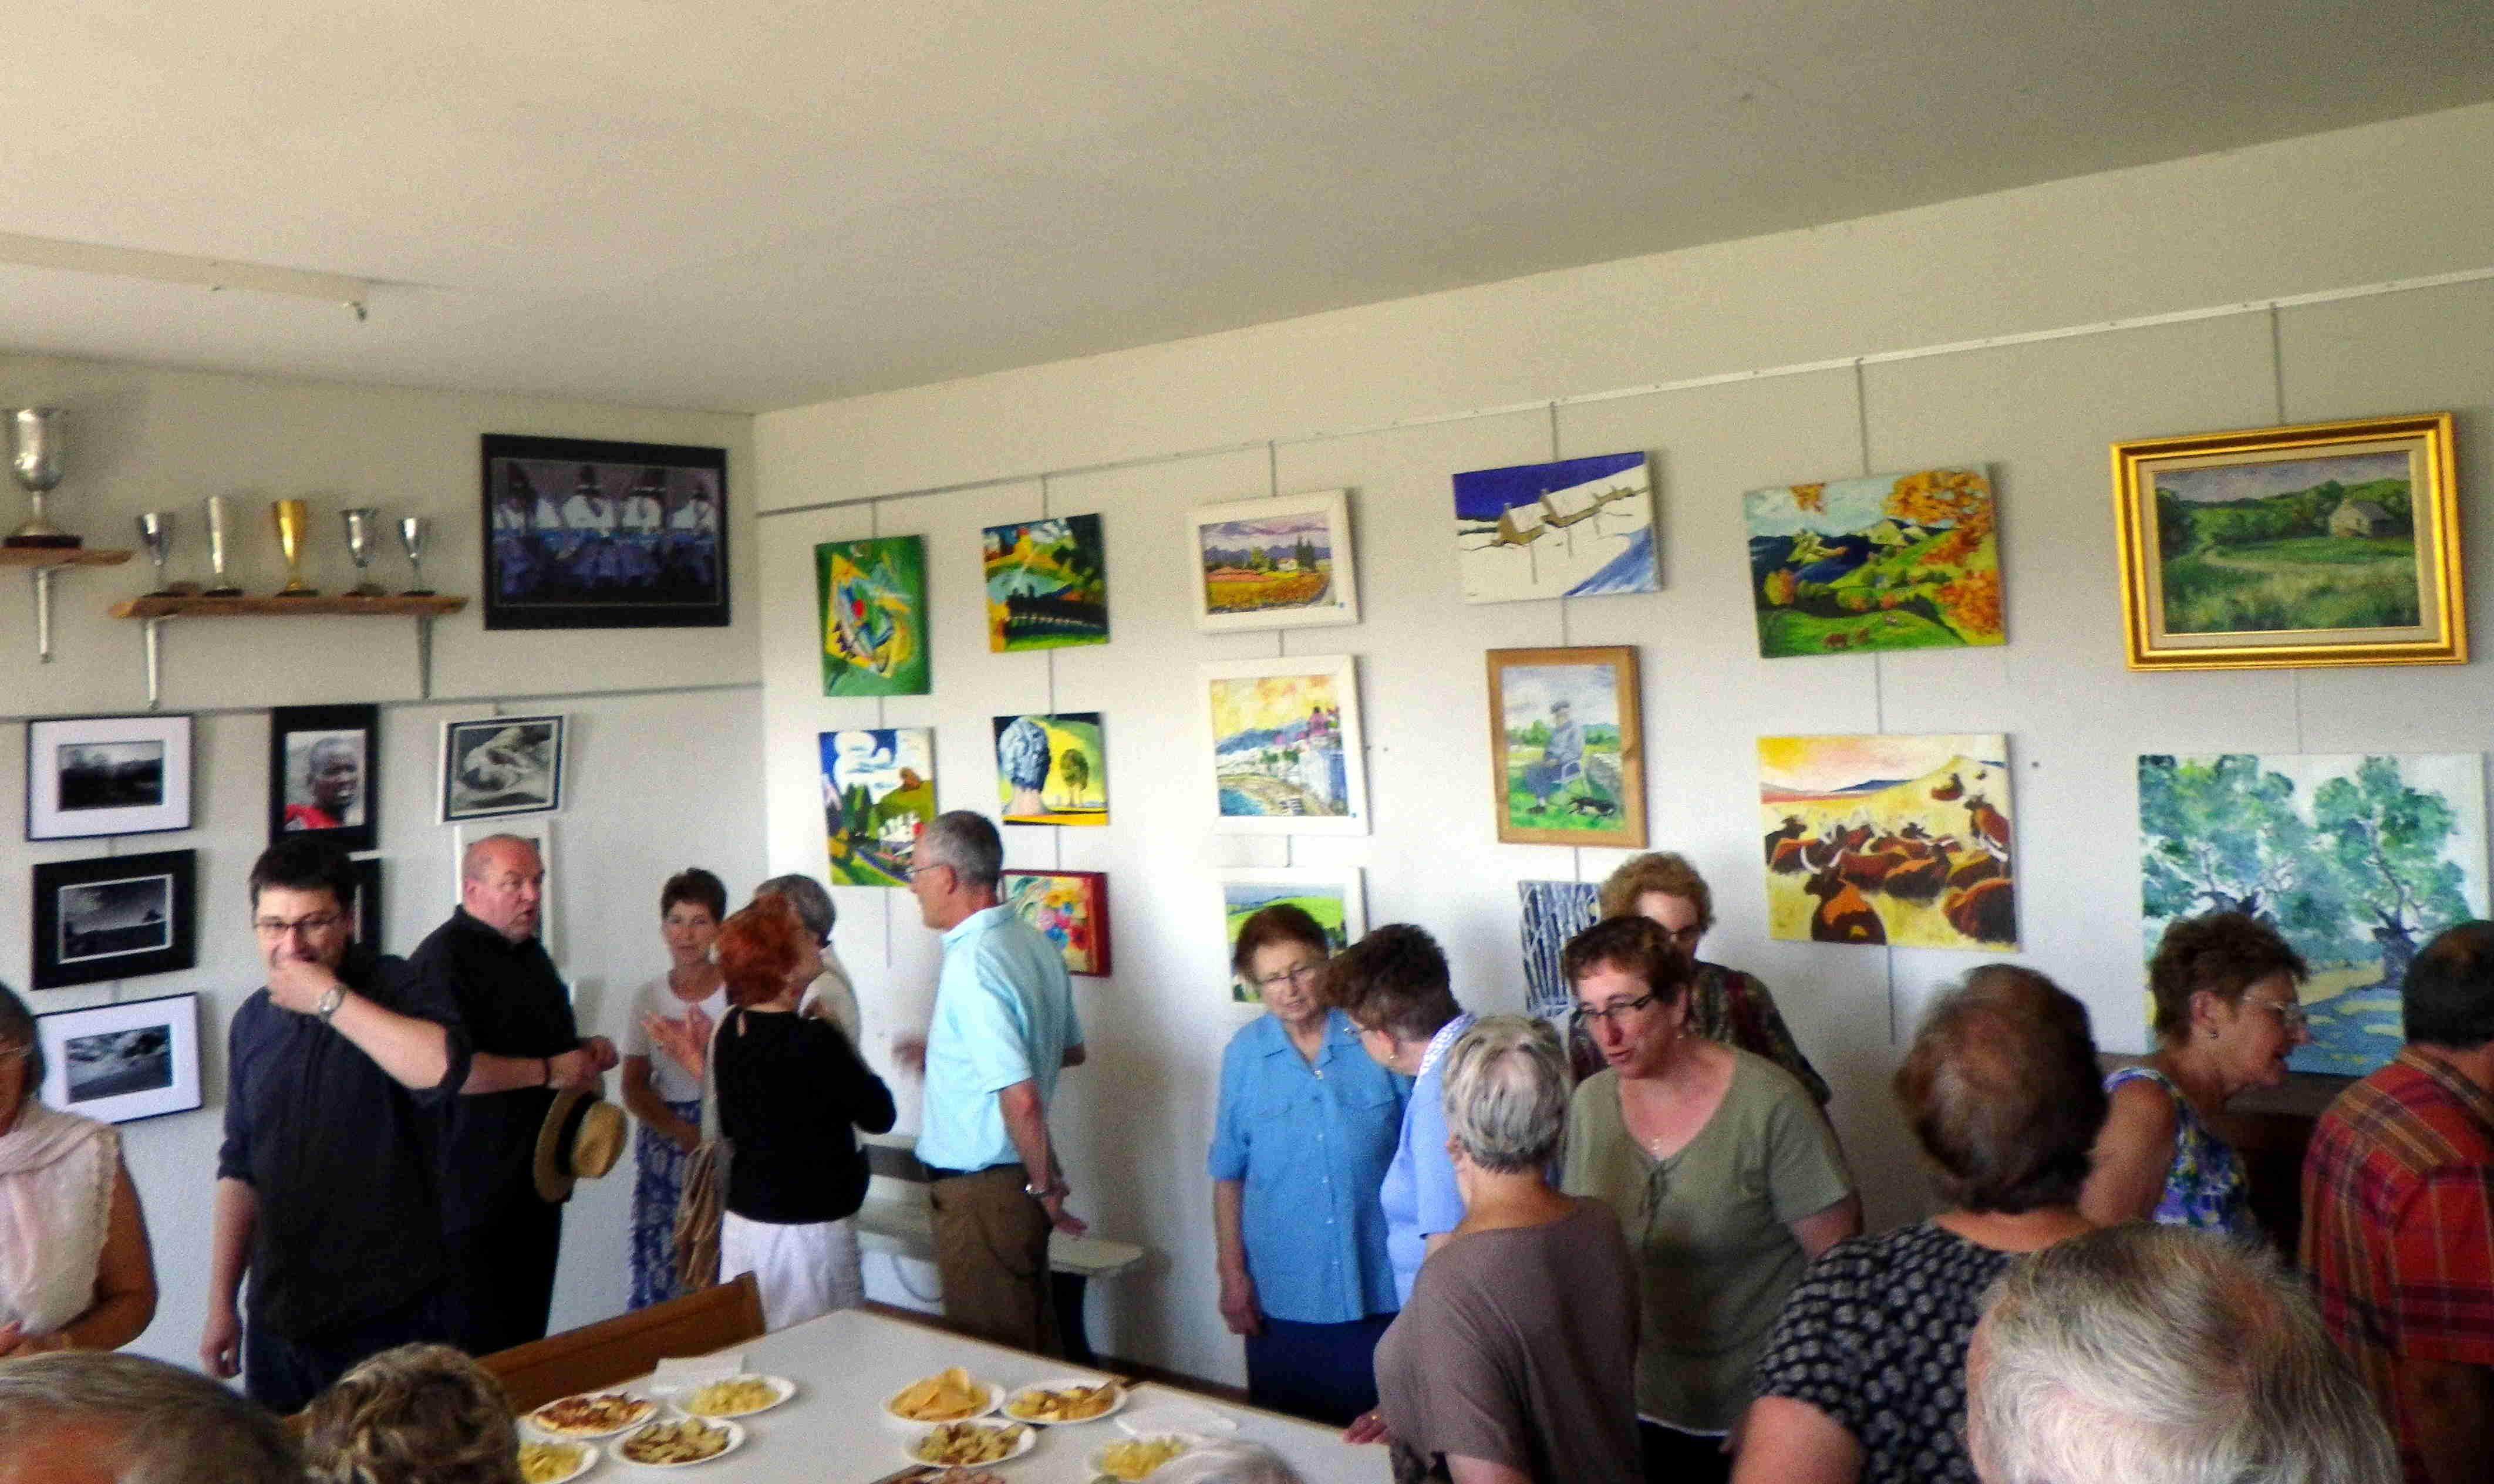 Des artistes au village du Ché exposent au foyer jusqu'à la fin du mois d'août